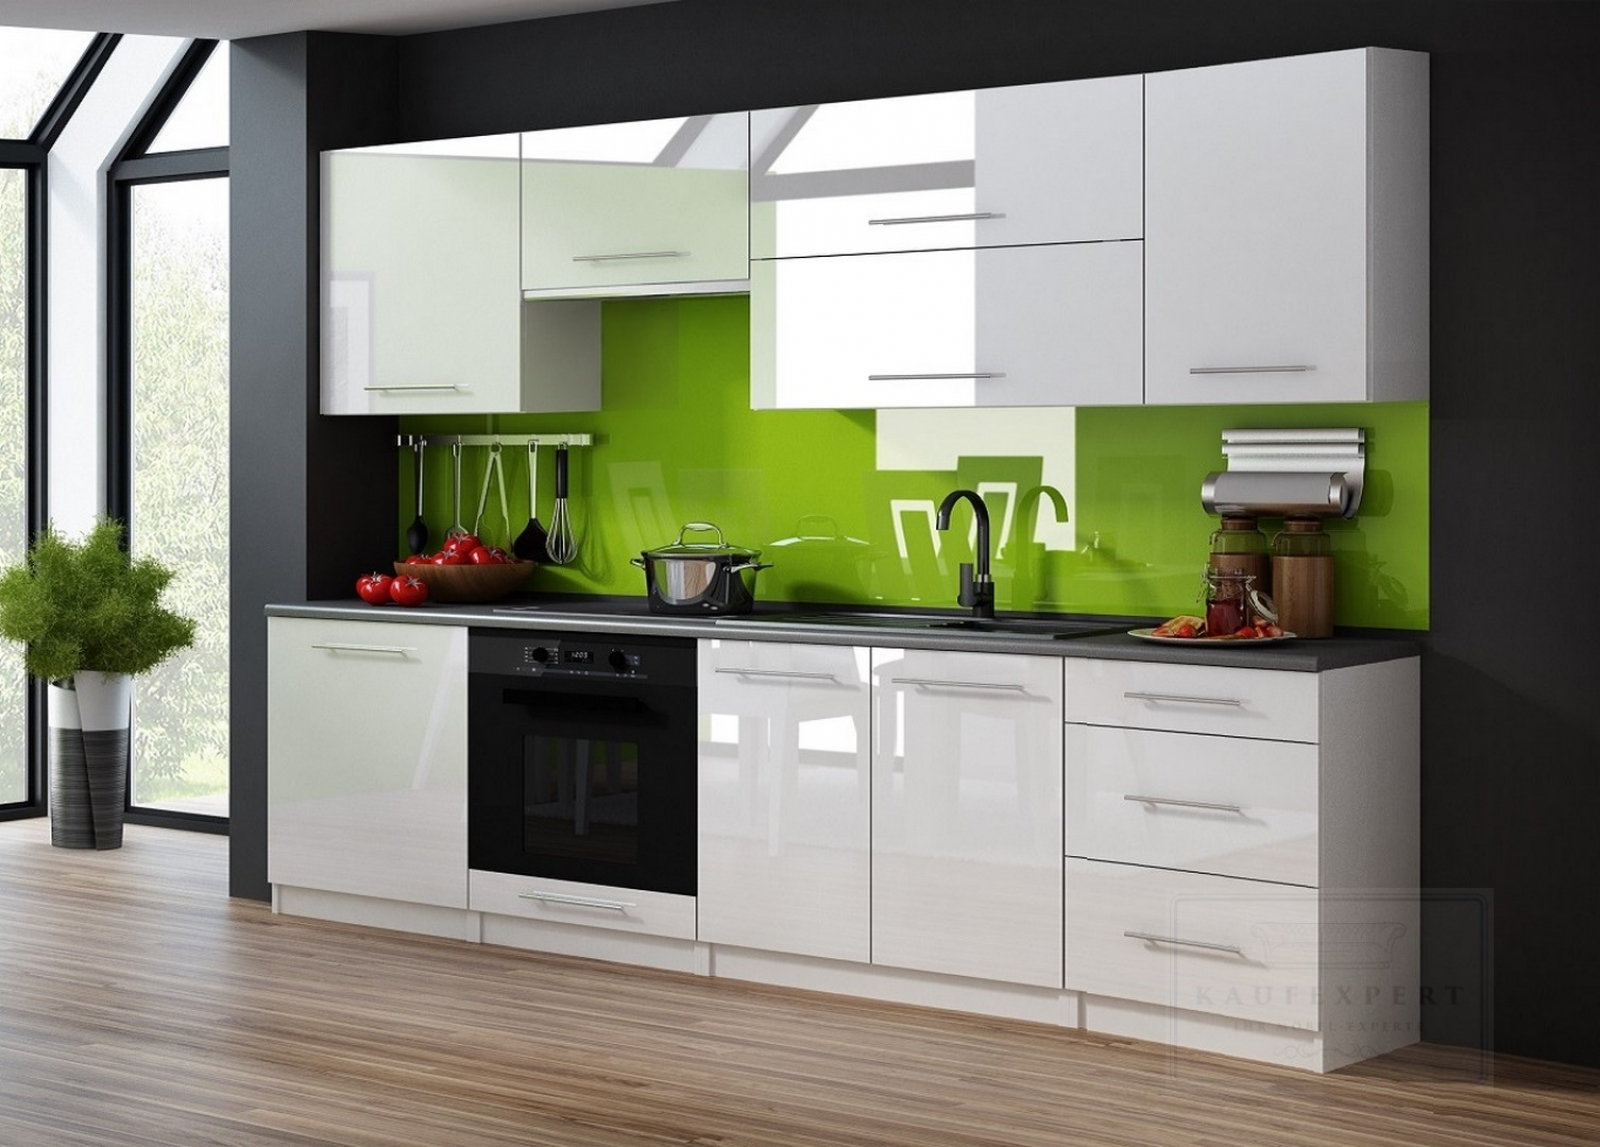 kaufexpert k chenzeile linda wei hochglanz 240 cm k che k chenblock mdf arbeitsplatte. Black Bedroom Furniture Sets. Home Design Ideas